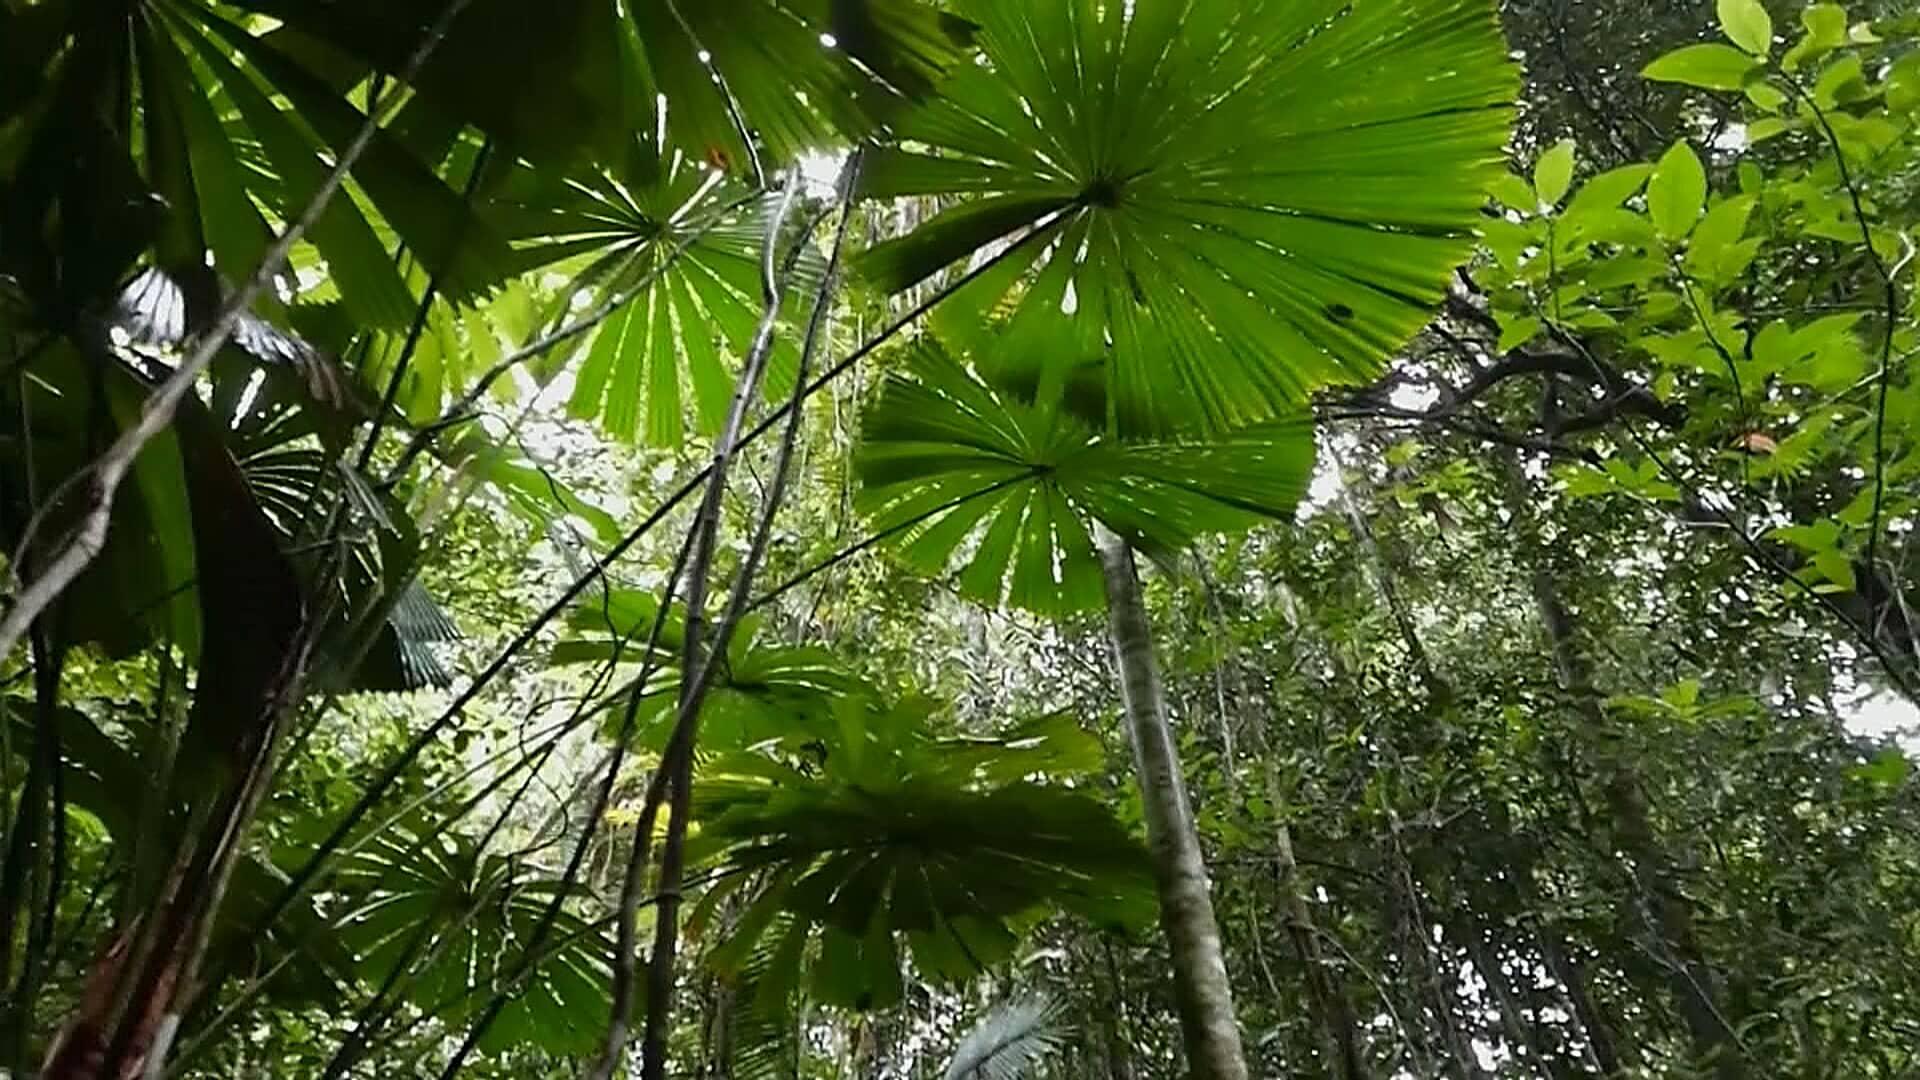 Daintreen sademetsäalue on palautettu alkuperäiskansojen omistukseen